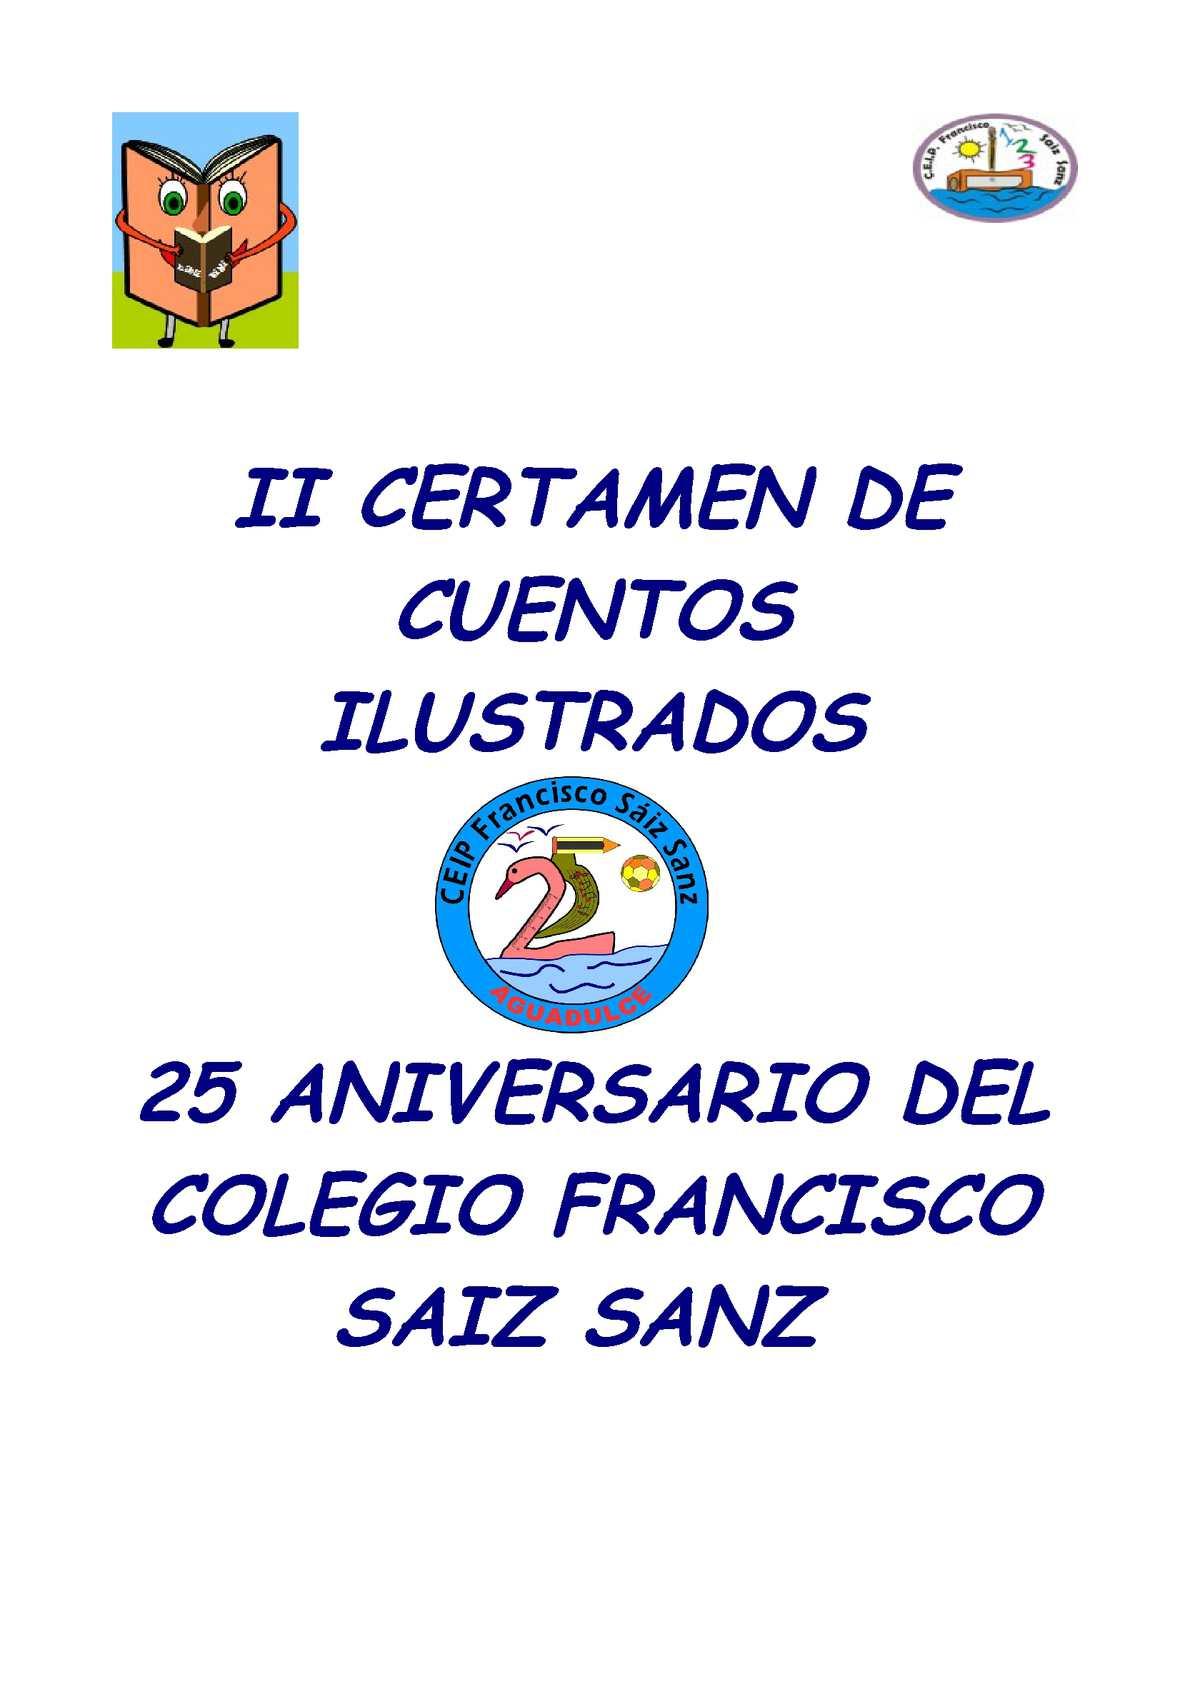 Calaméo Cuentos Ilustrados 25 Aniversario